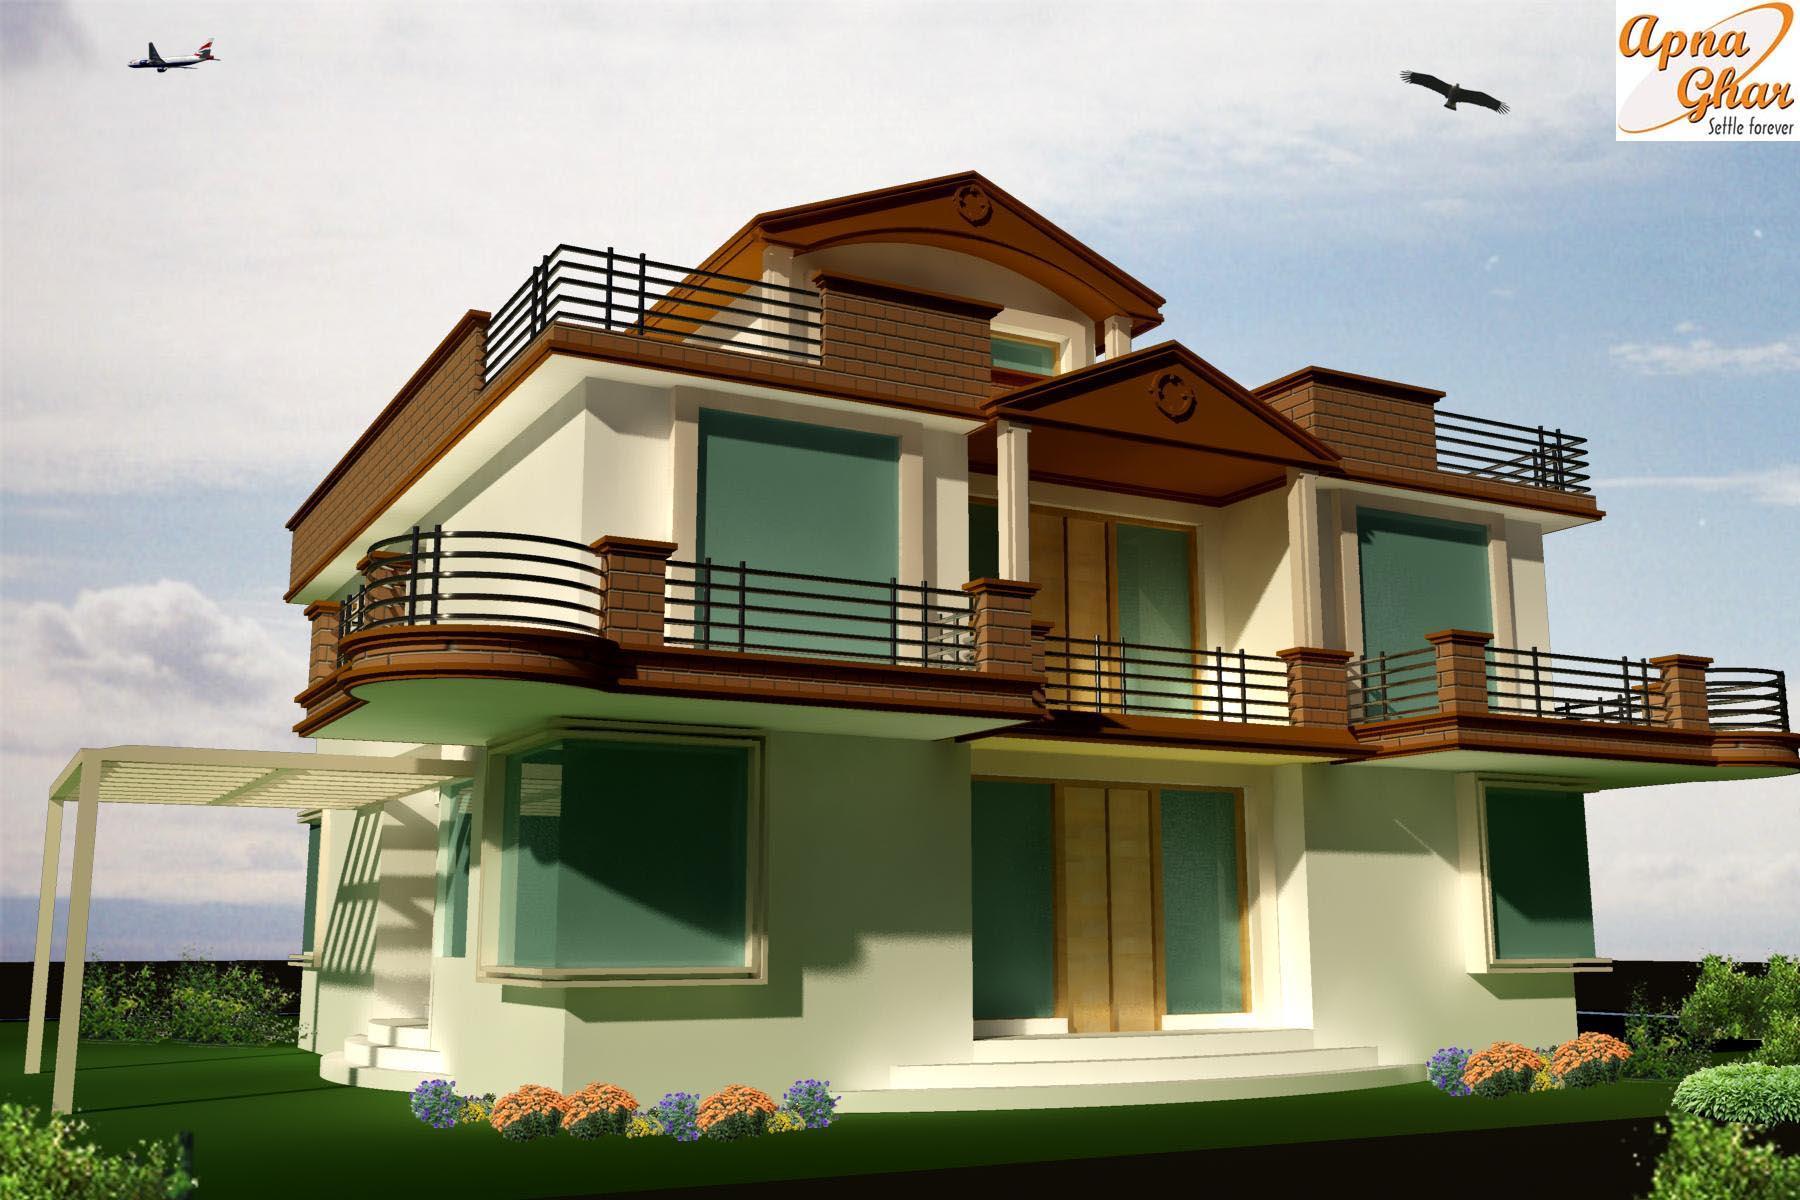 D View Home Design Edepremcom - Home 3d design